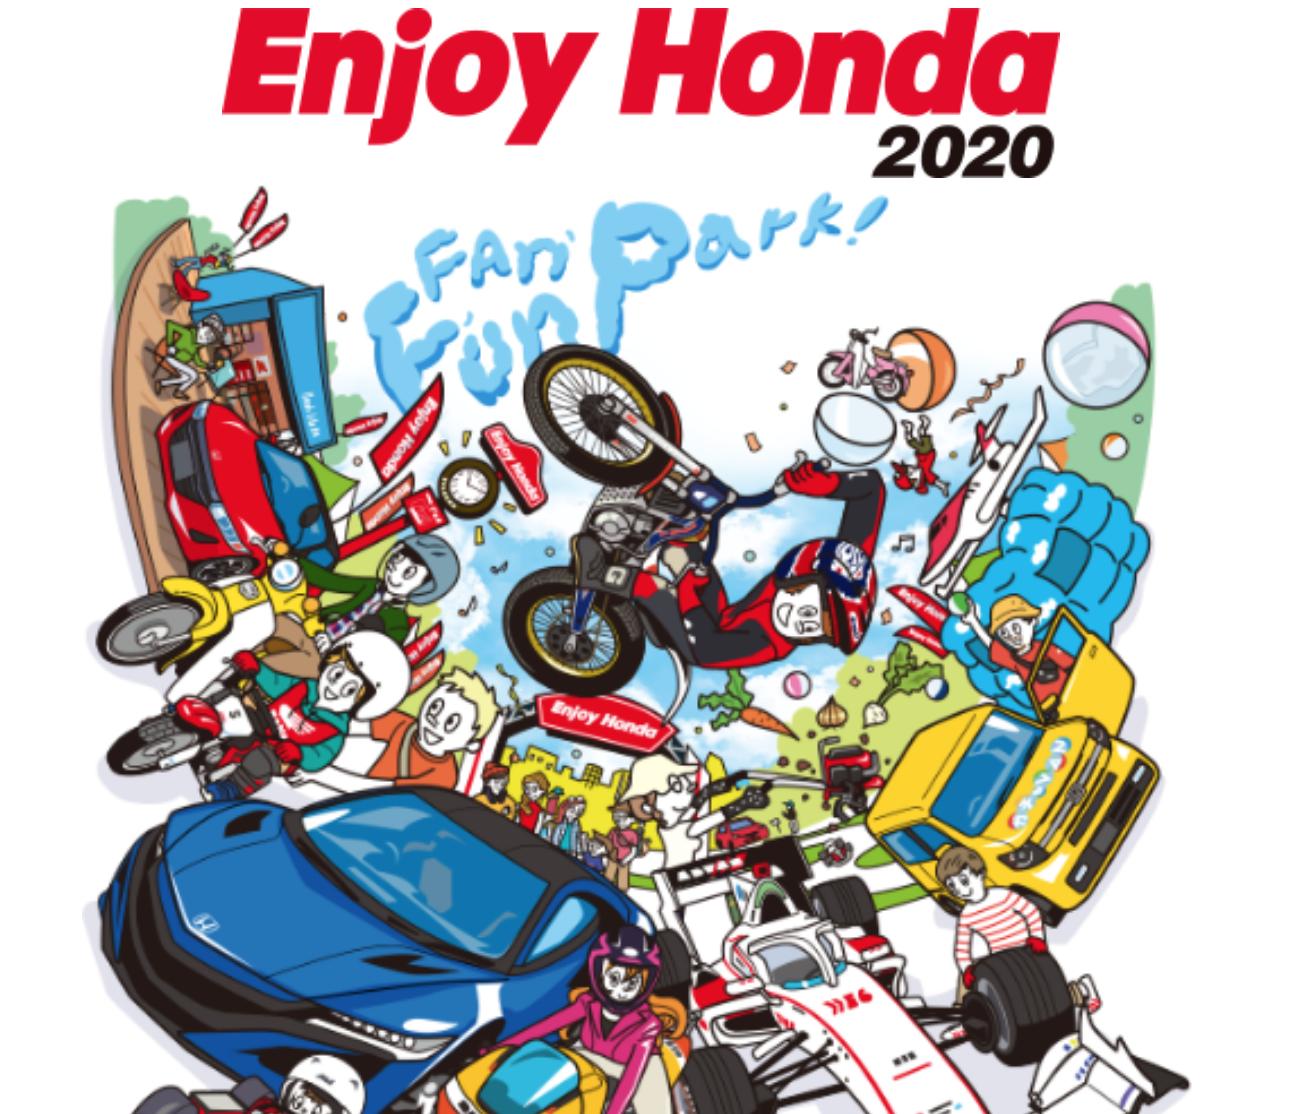 中止:Enjoy Honda 2020 HSR九州(エンジョイ ホンダ2020)